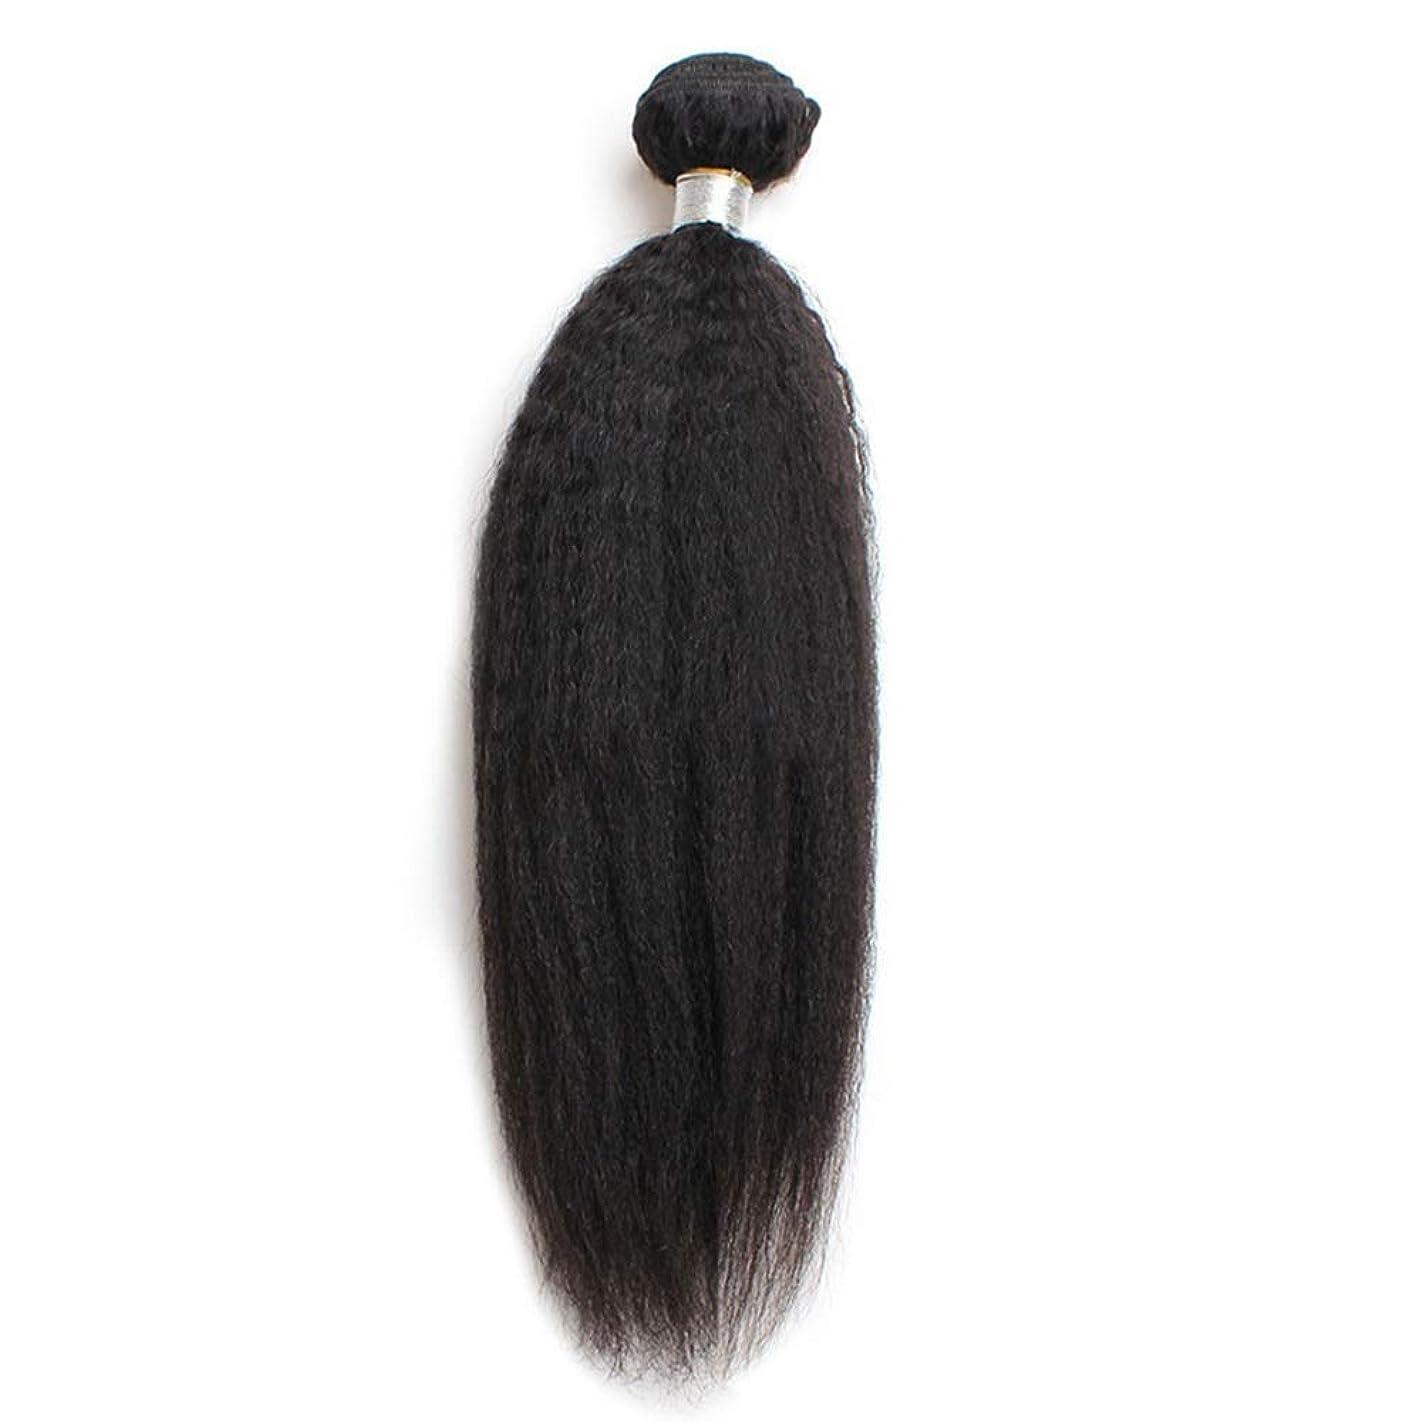 人間植物の不足HOHYLLYA 9Aブラジル焼きストレートバンドル人間の髪の毛100%レミーの髪織りロールプレイングかつら女性のかつら (色 : 黒, サイズ : 16 inch)